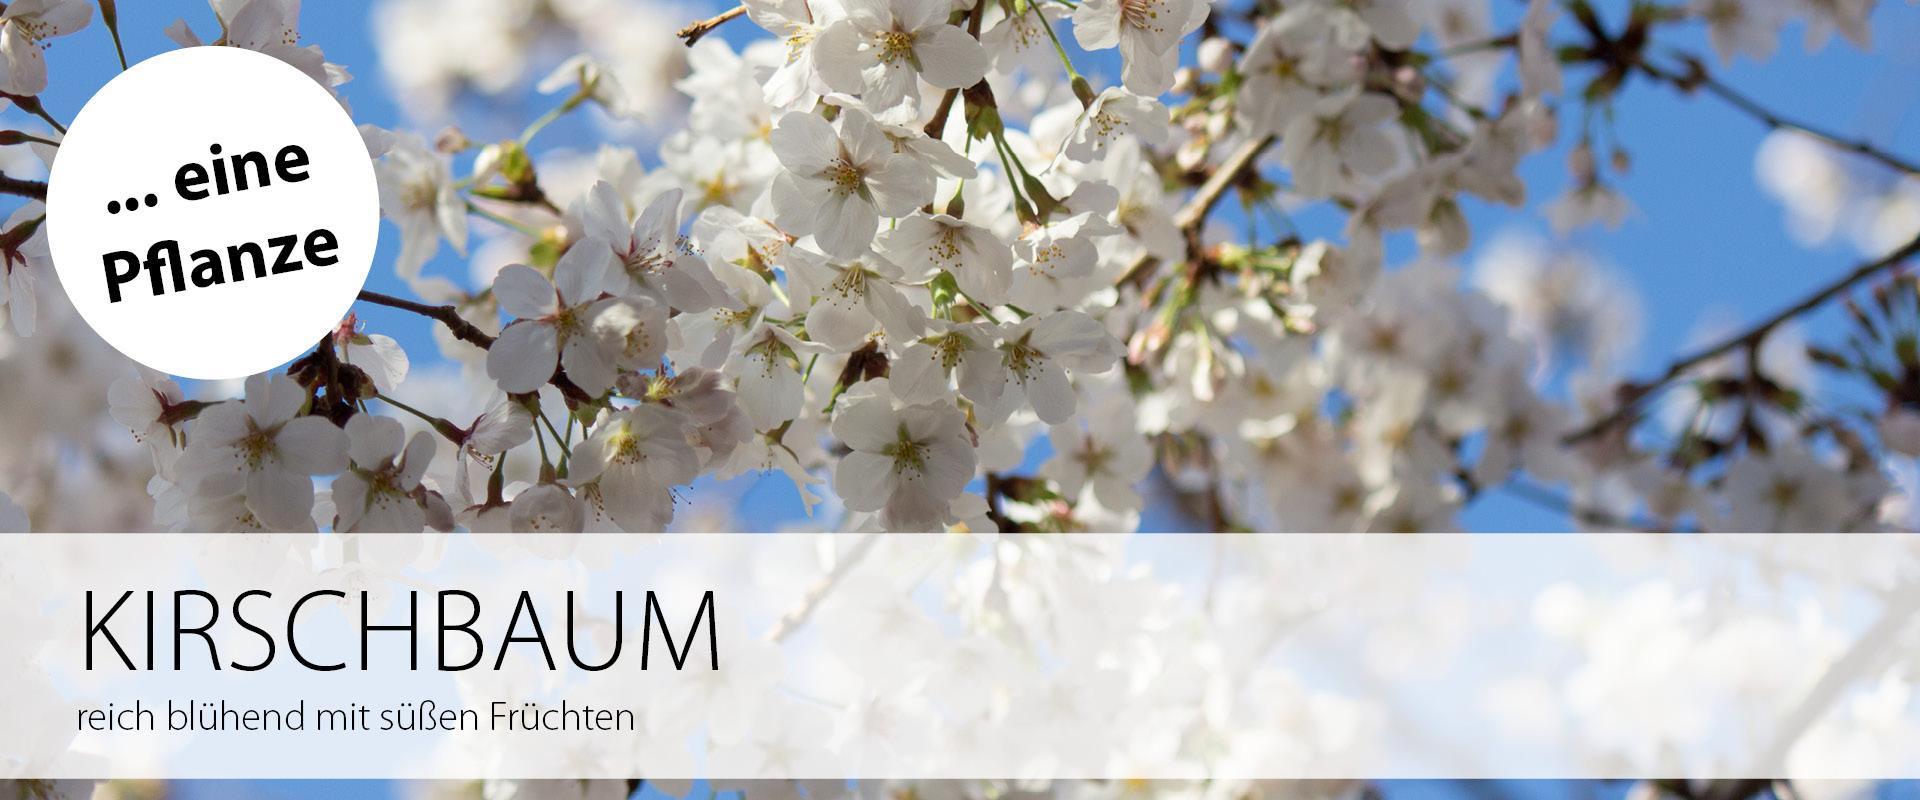 Eine Pflanze: Kirschbaum